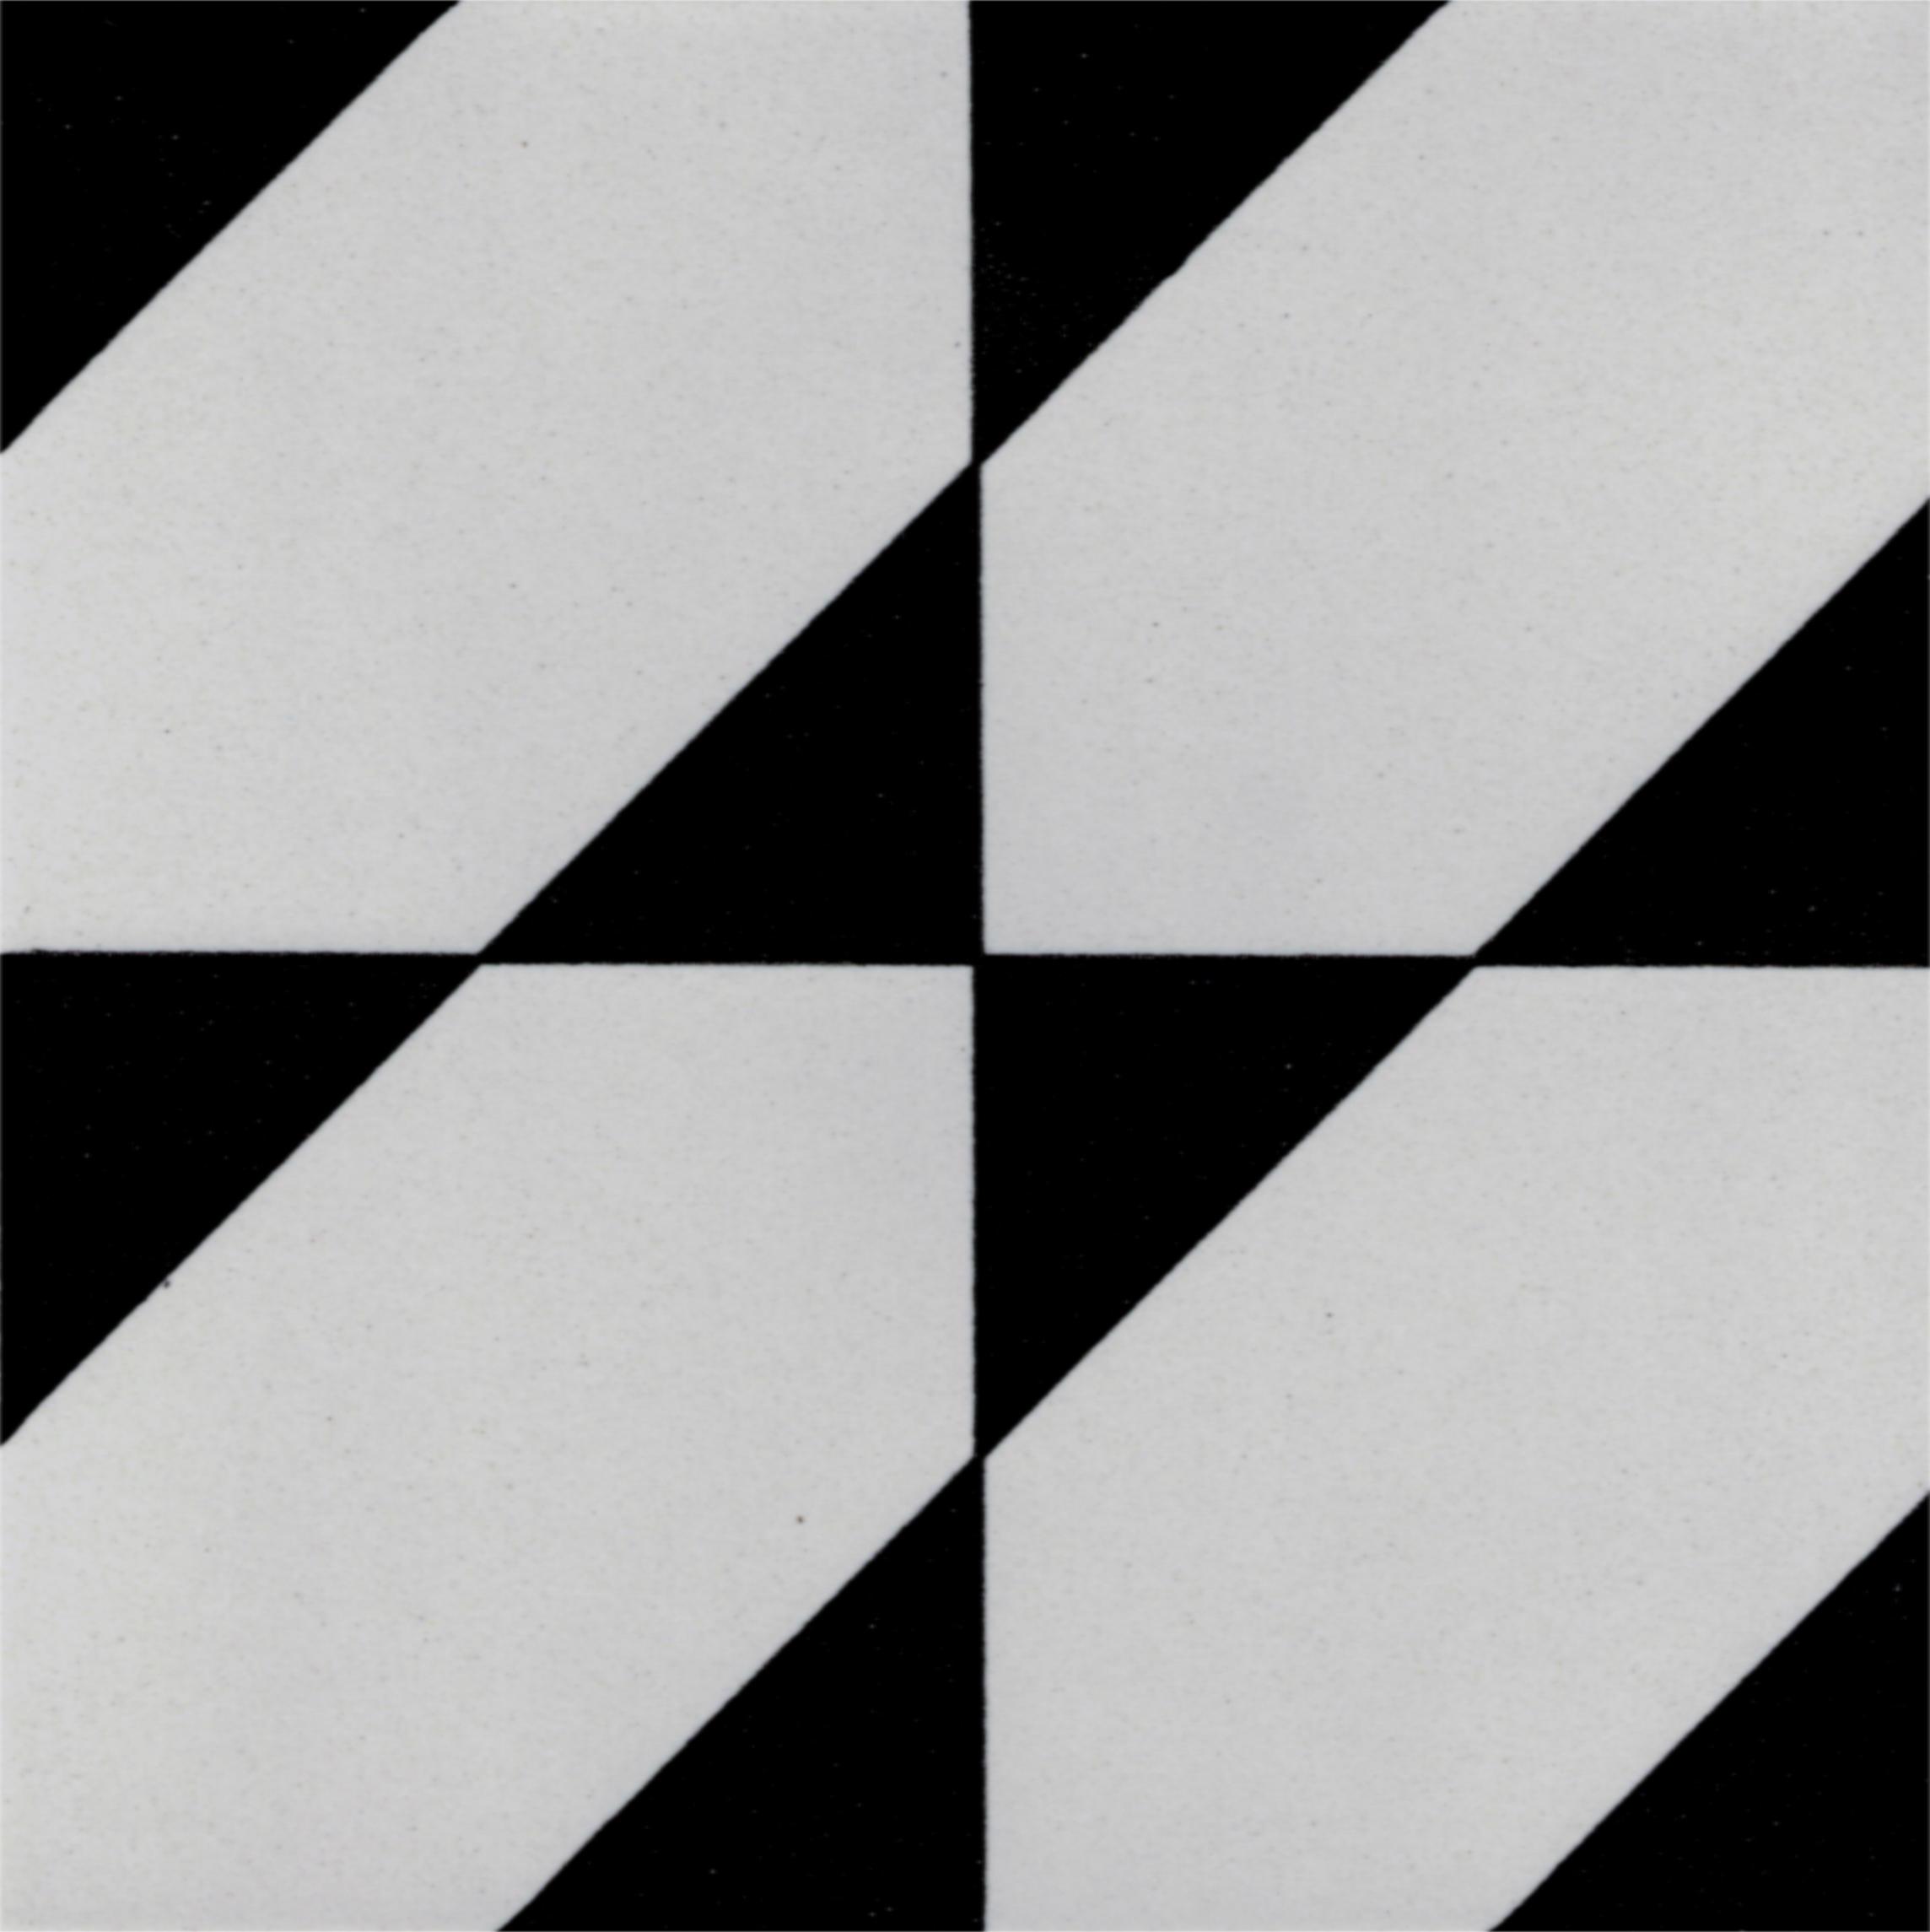 Lr 4843 piastrelle mattonelle per pavimenti la riggiola architonic - La riggiola piastrelle ...